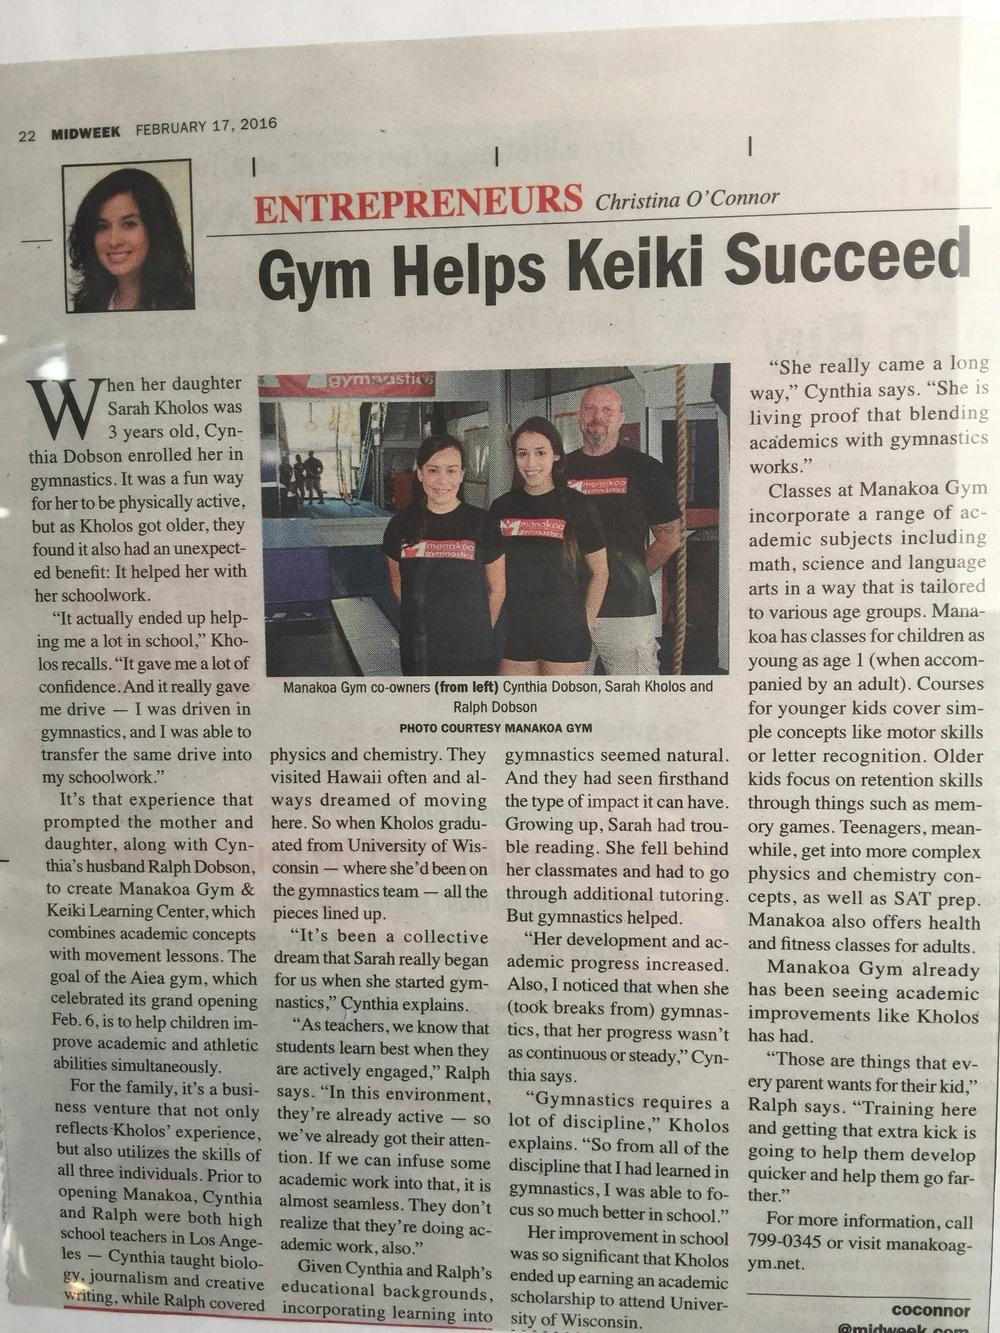 Manakoa Gym Helps Keiki Suceed